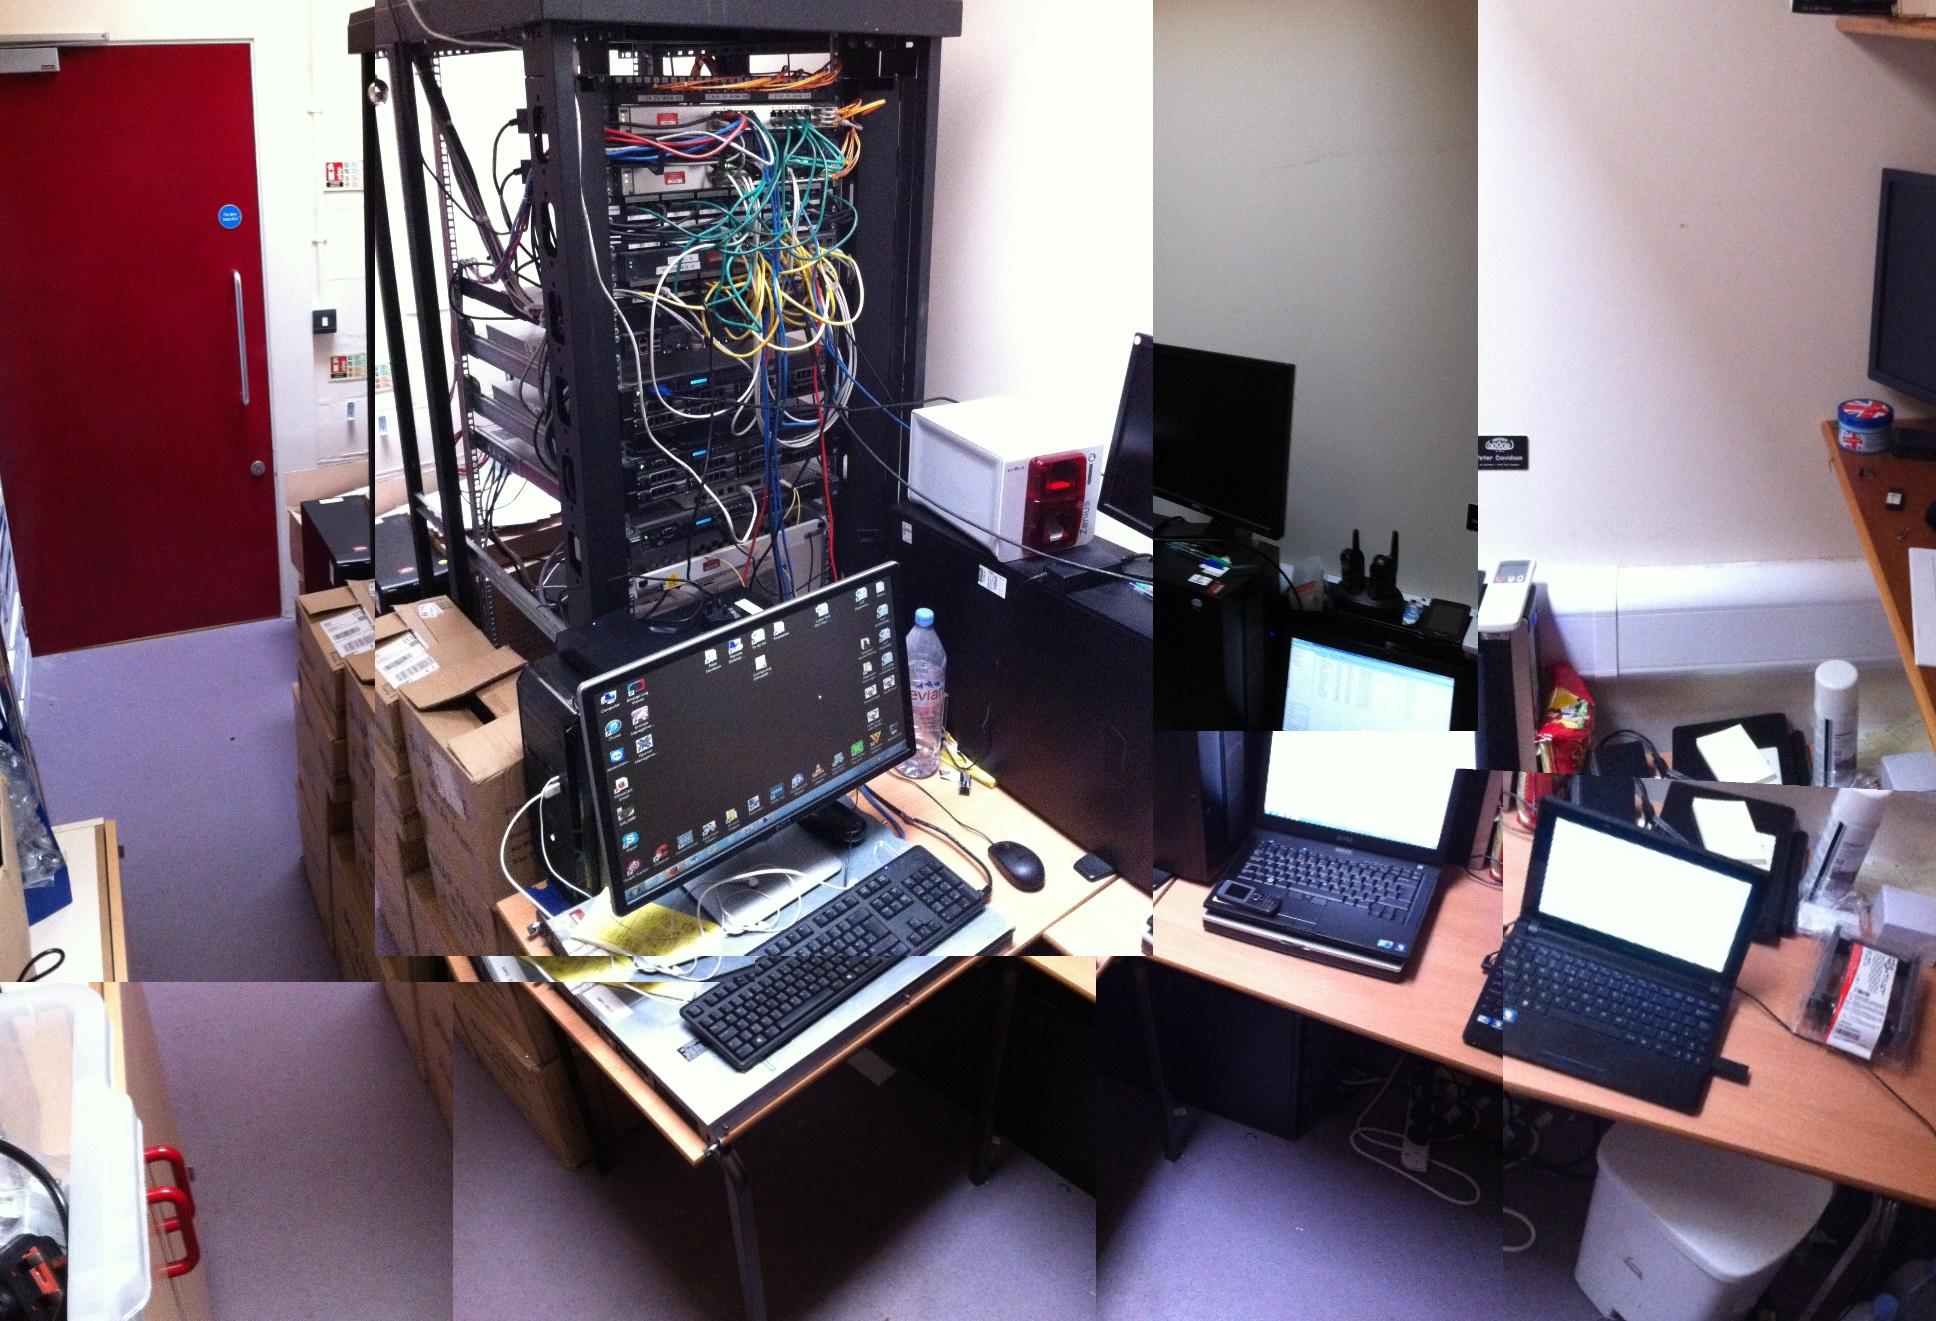 Primary school server rooms